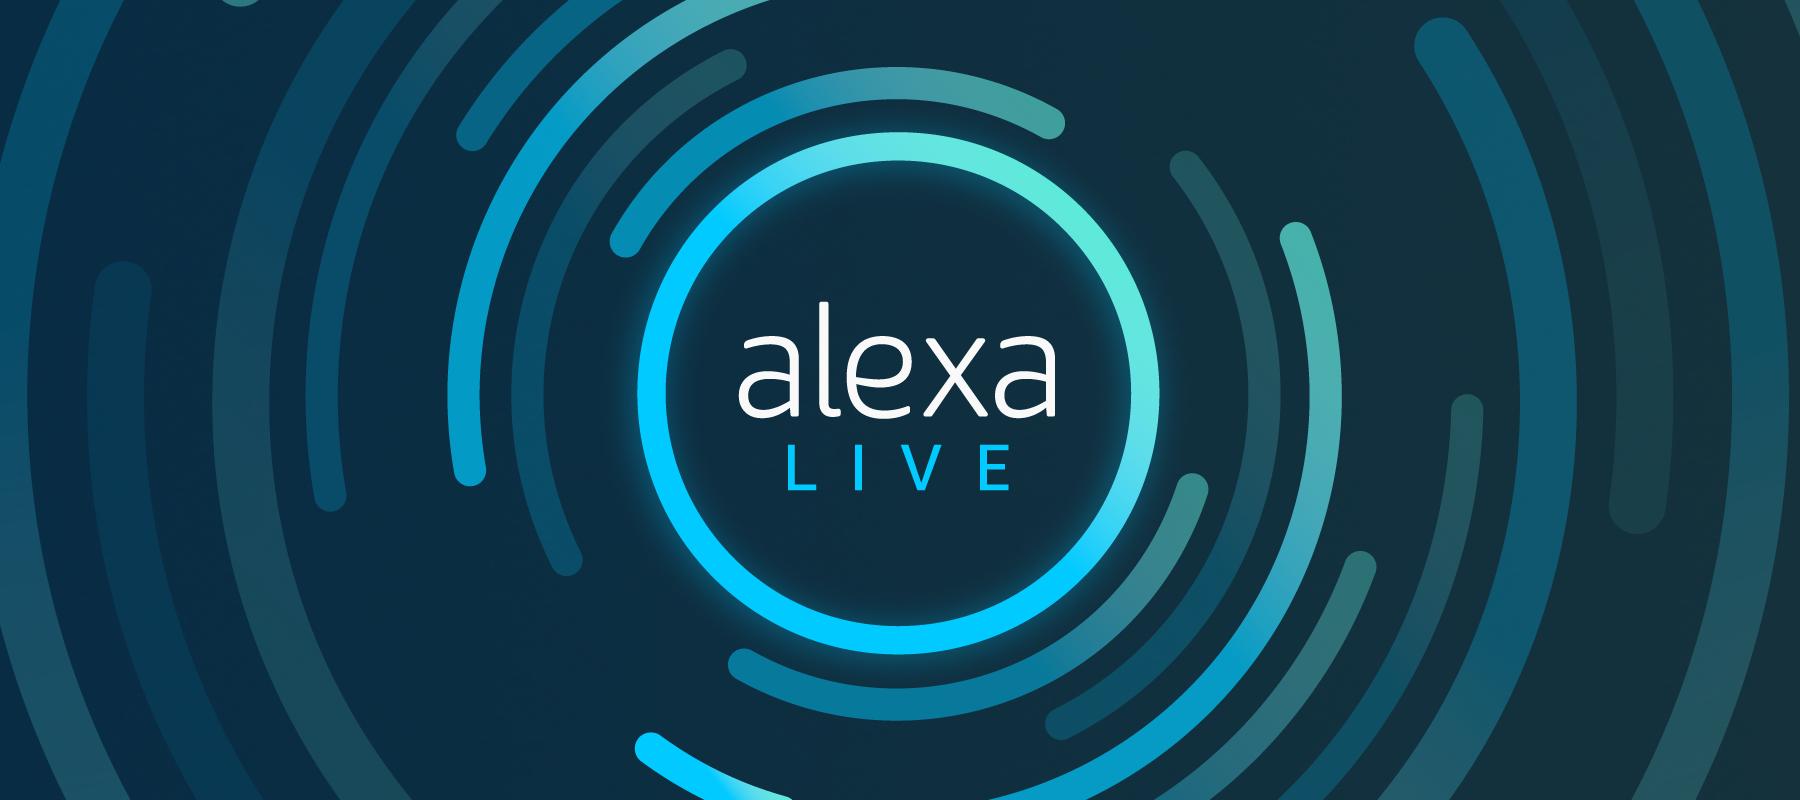 alexa-live_appstore-blog_900x400.png